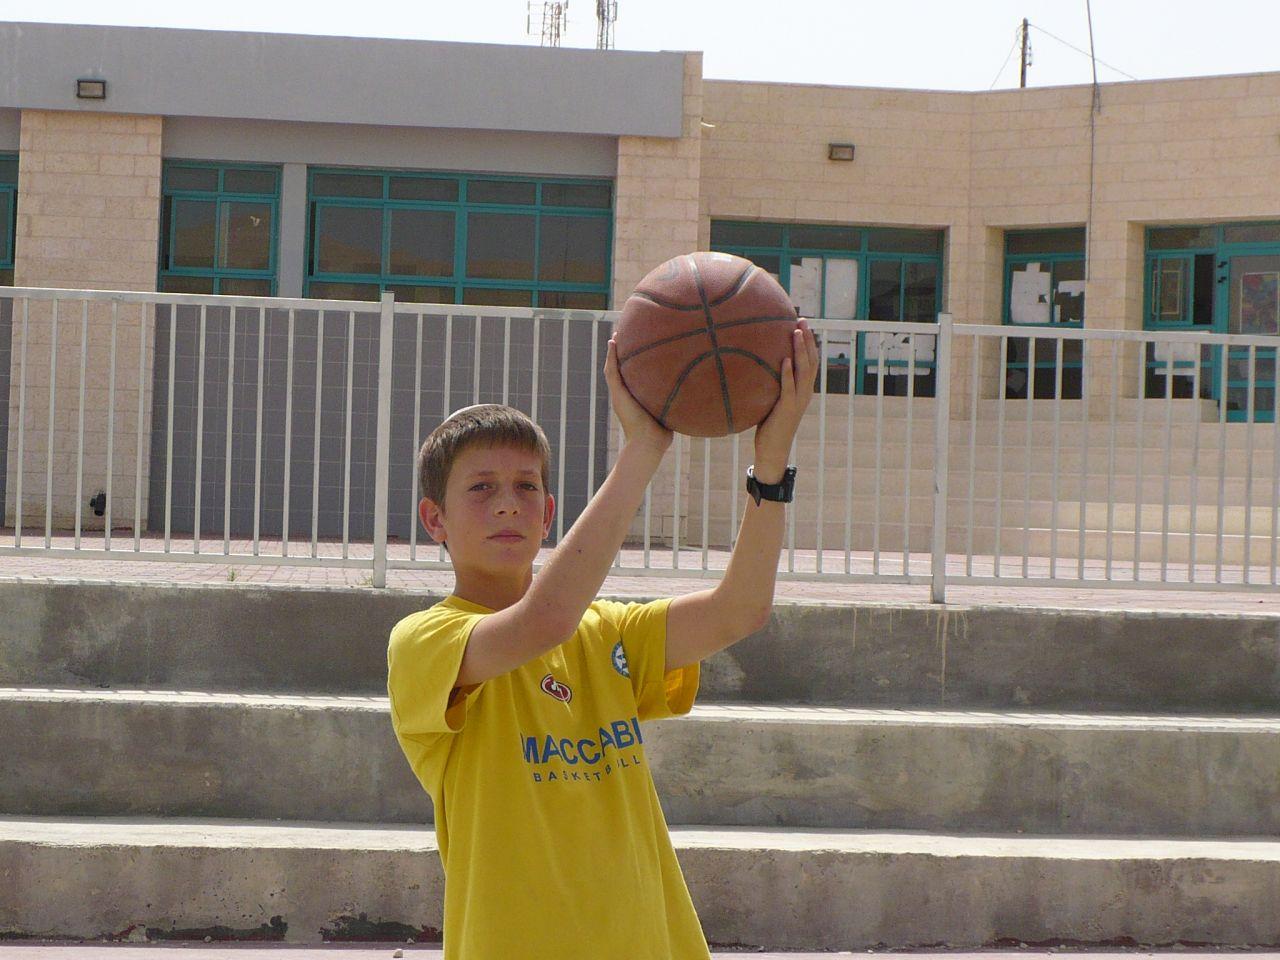 קיץ תשסז ישי בן 12 שחקן כדור סל מצטיין